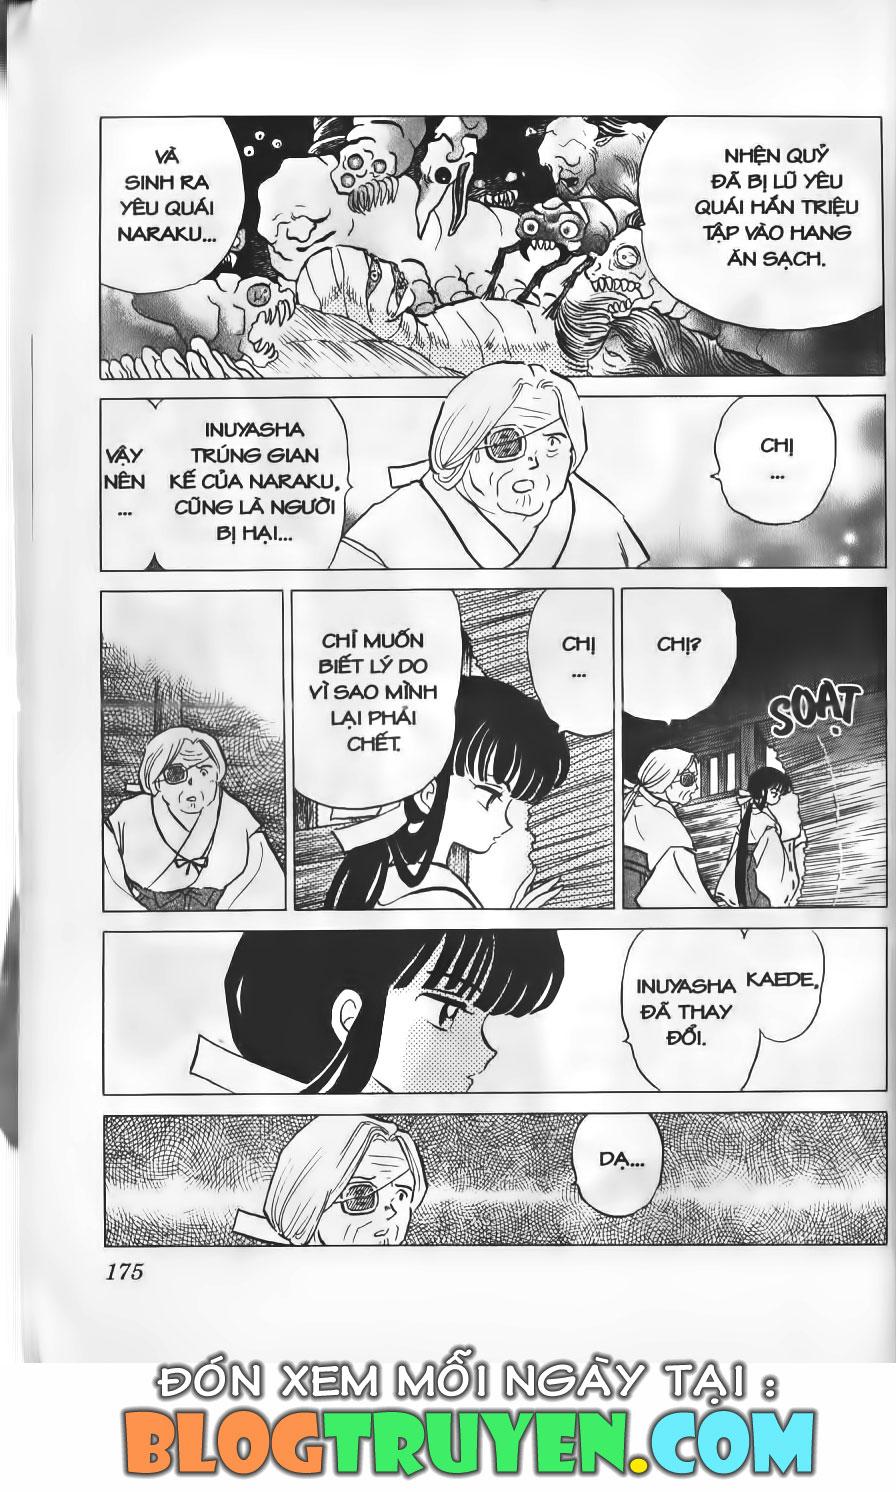 Inuyasha vol 08.10 trang 8